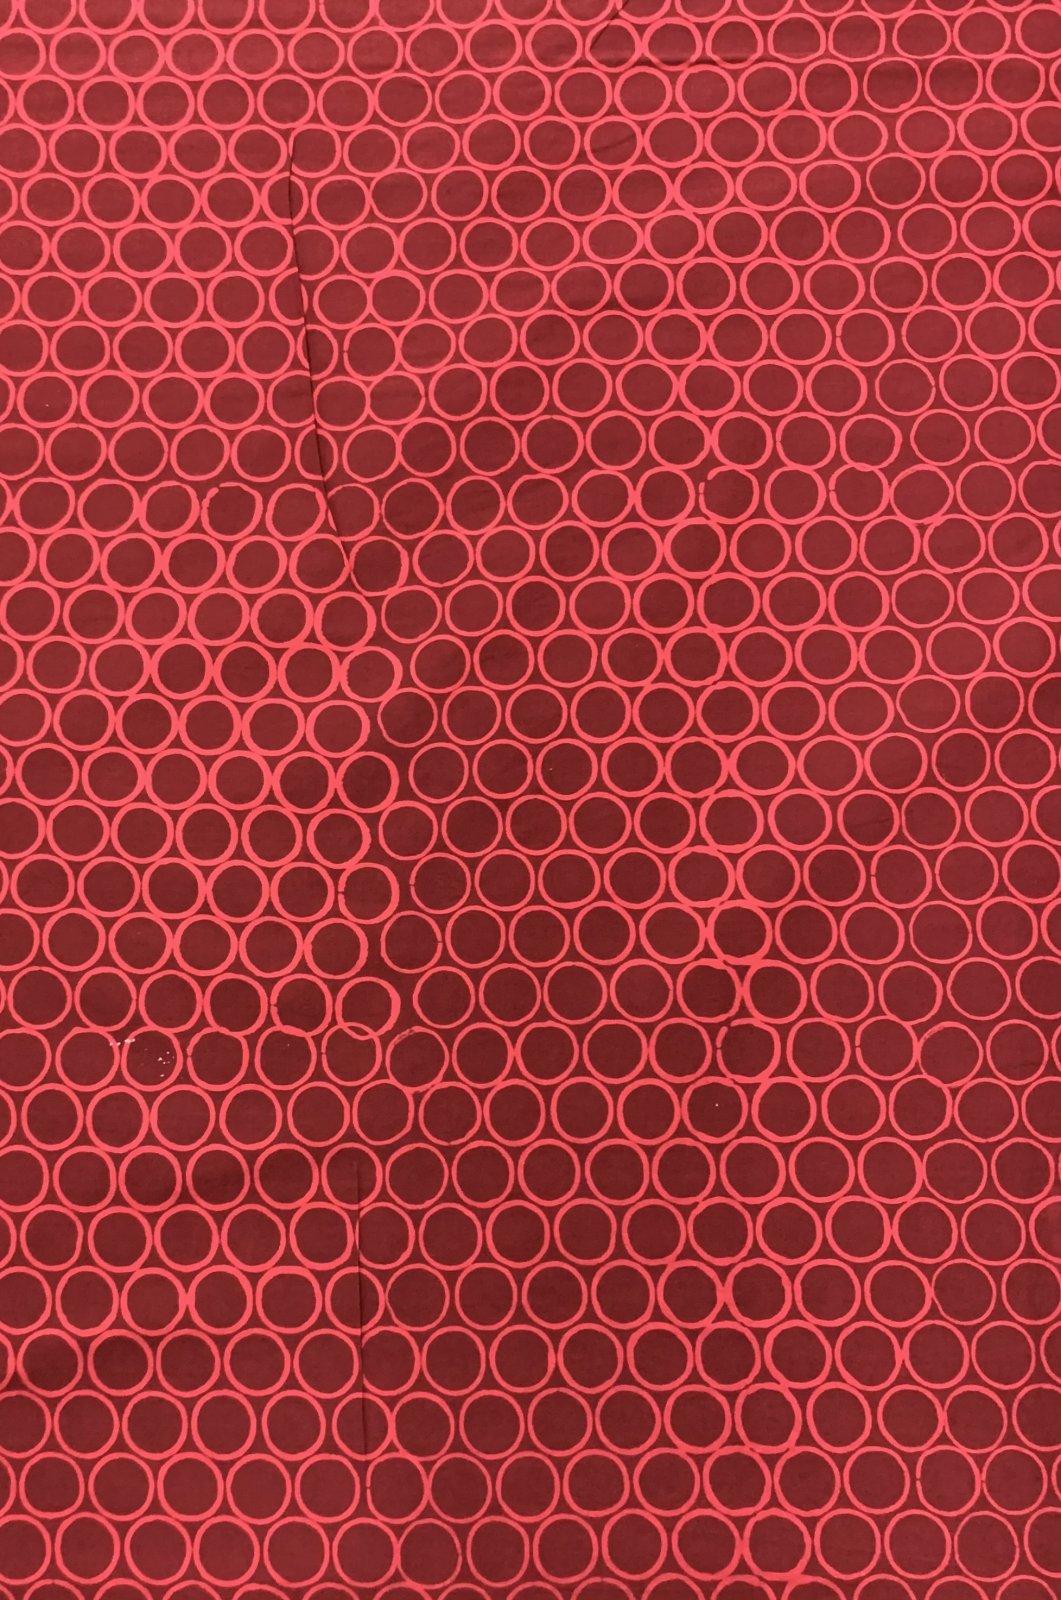 Circles Dark Red (O)